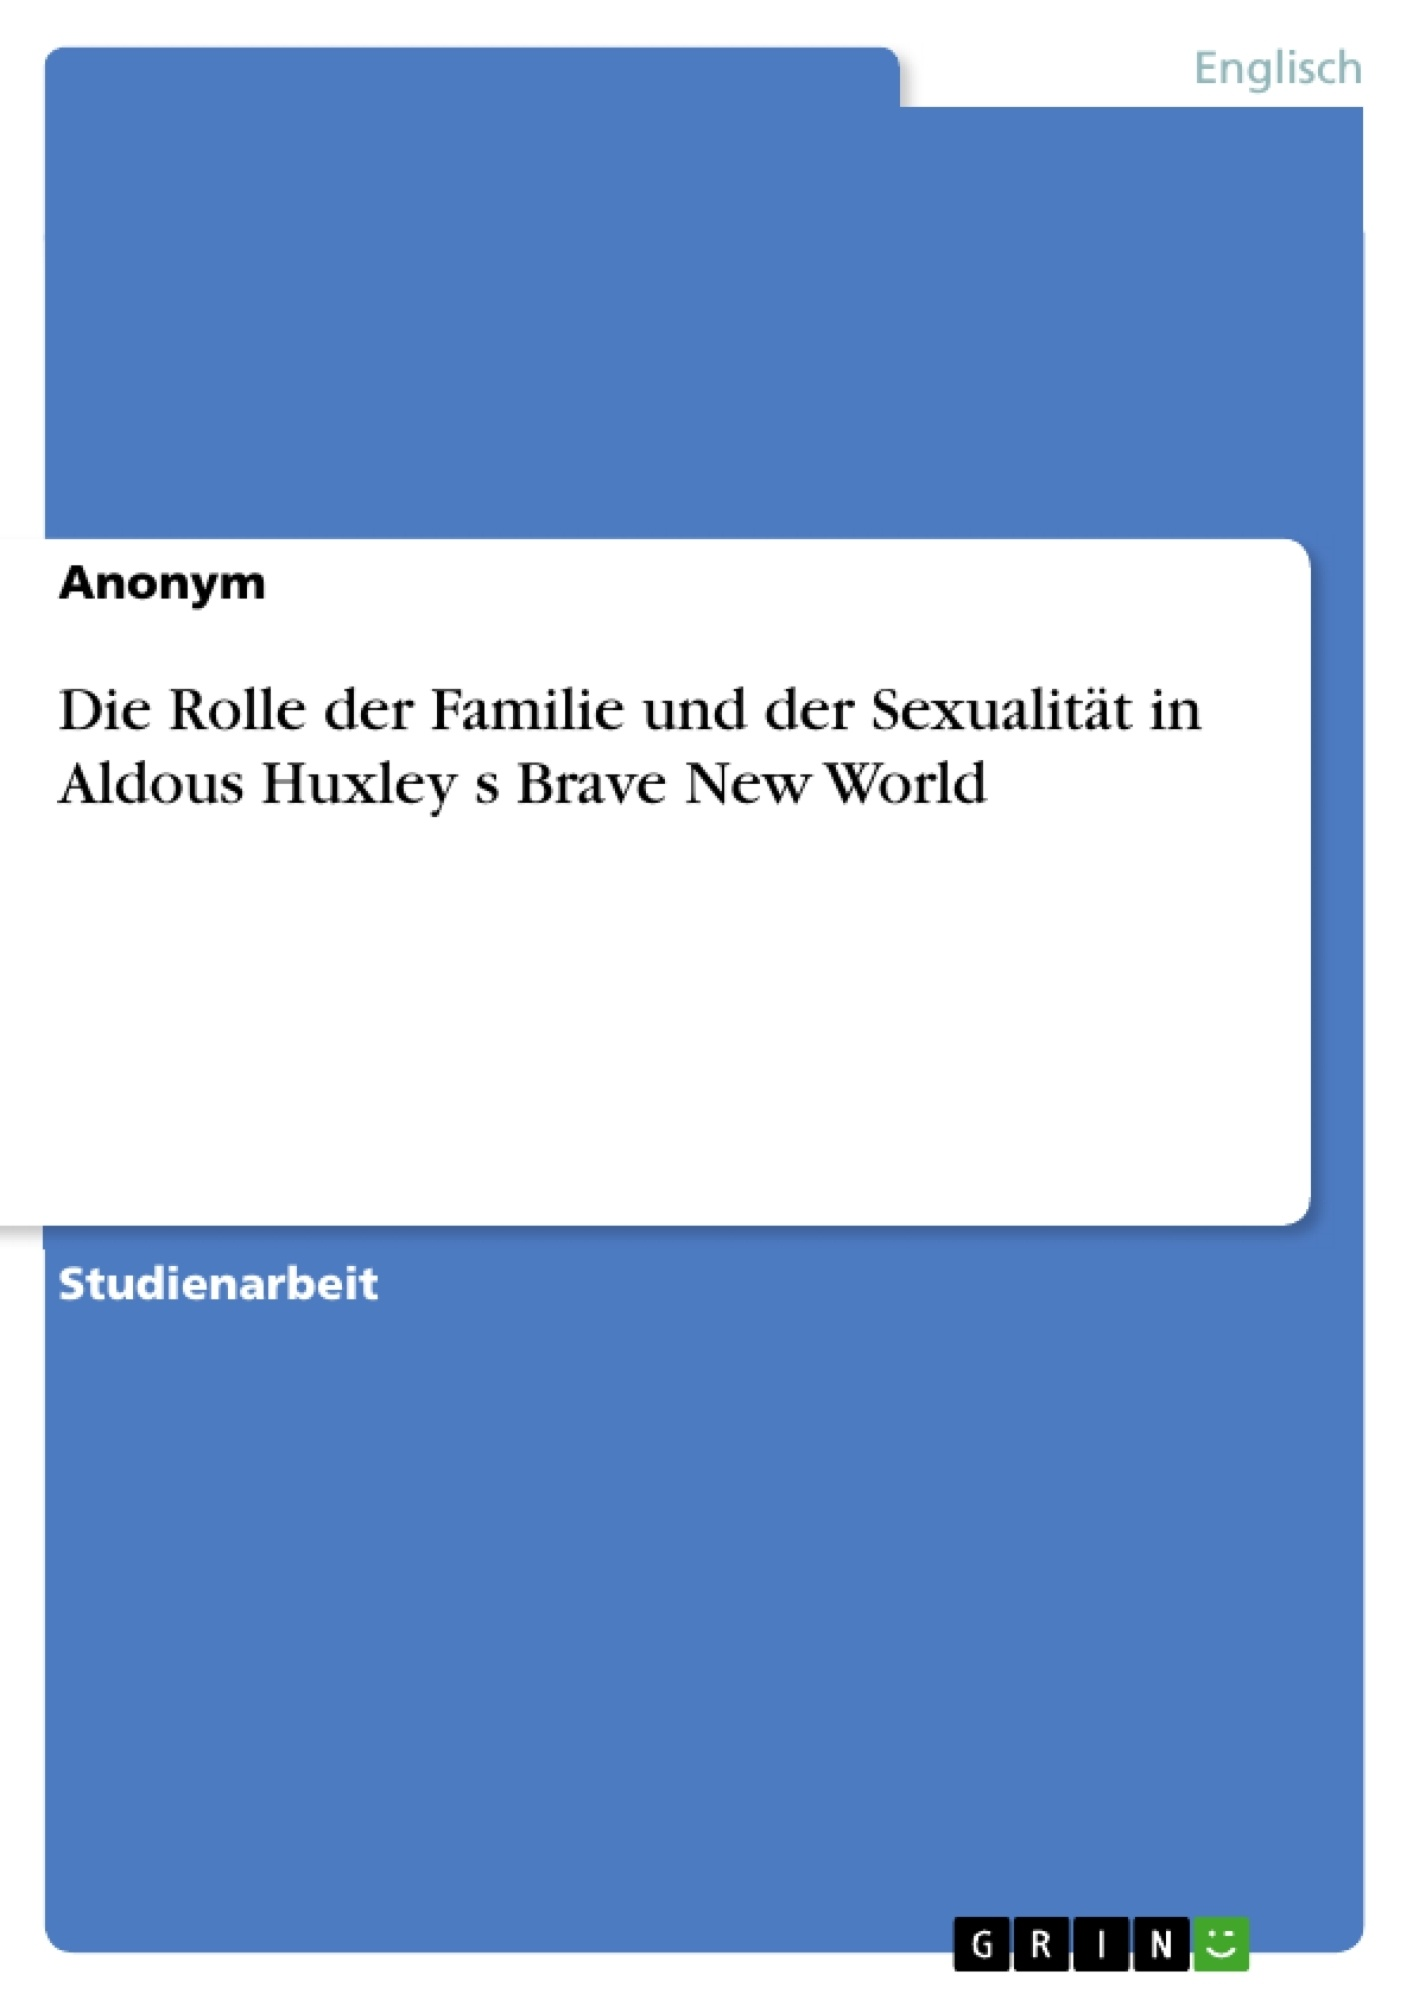 Titel: Die Rolle der Familie und der Sexualität in Aldous Huxley s Brave New World